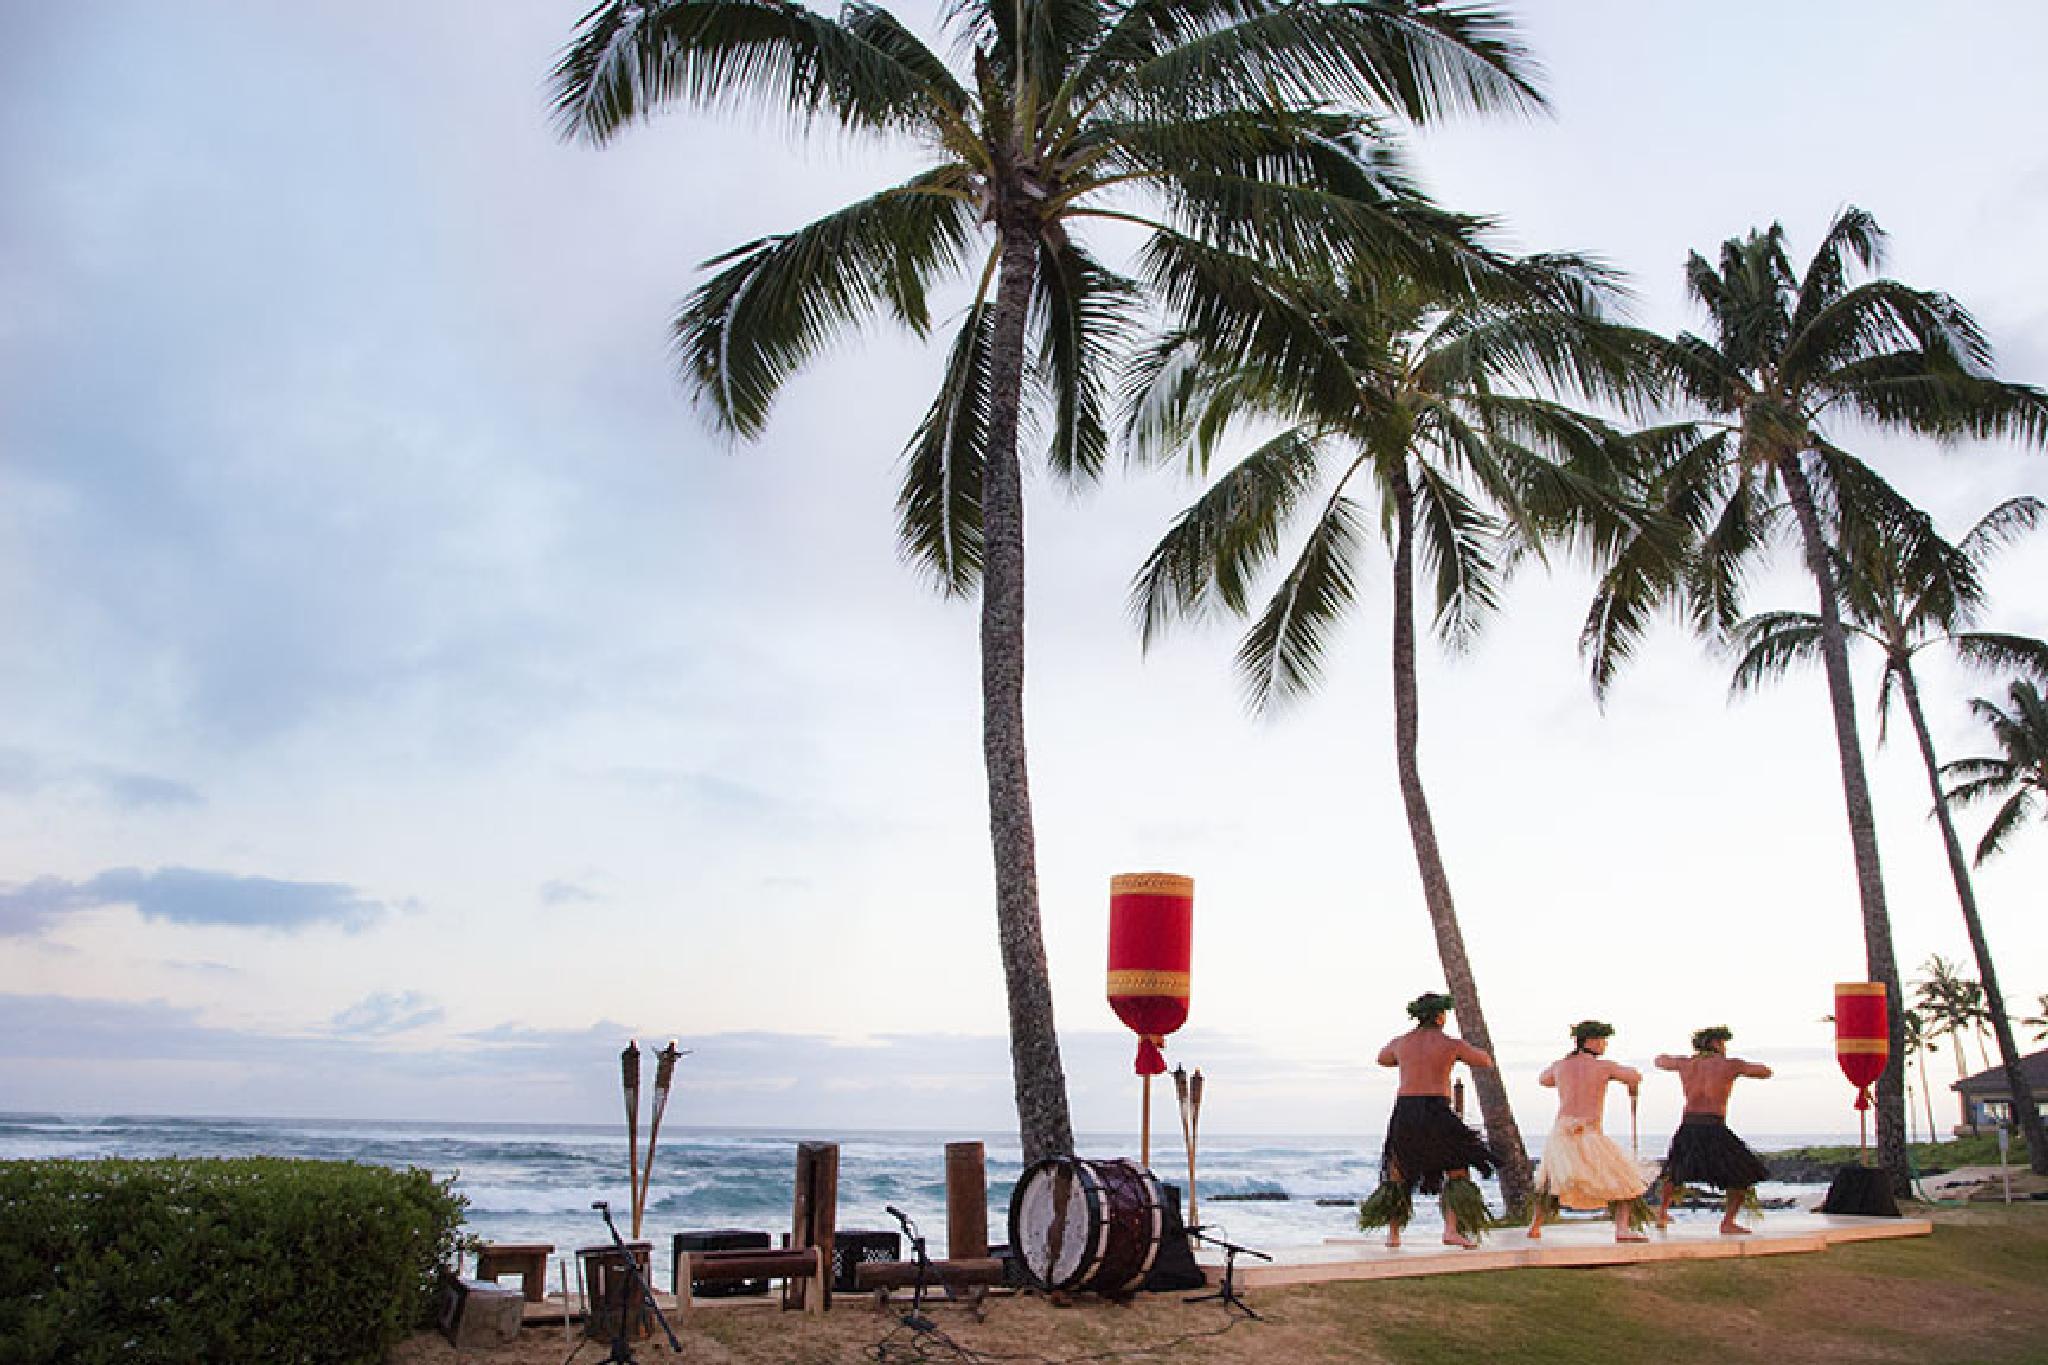 Hawaii by AlisonWallisPhotography